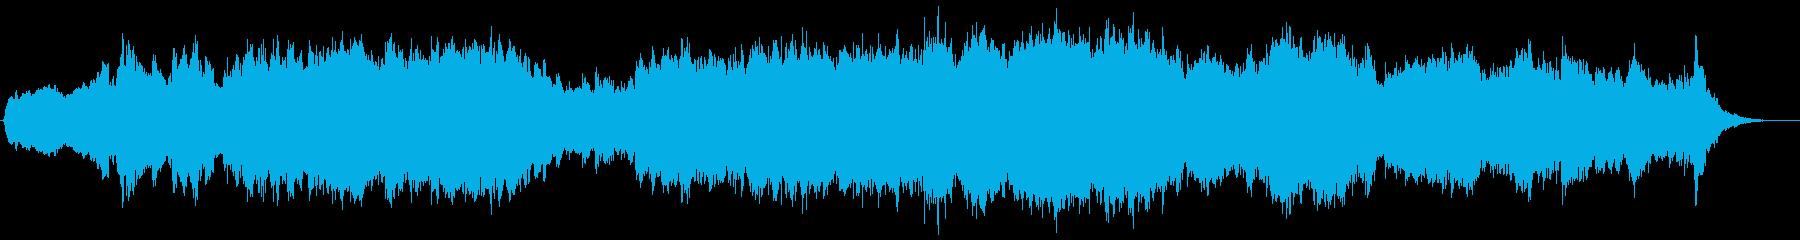 ミステリーとダークオーケストラトラックの再生済みの波形